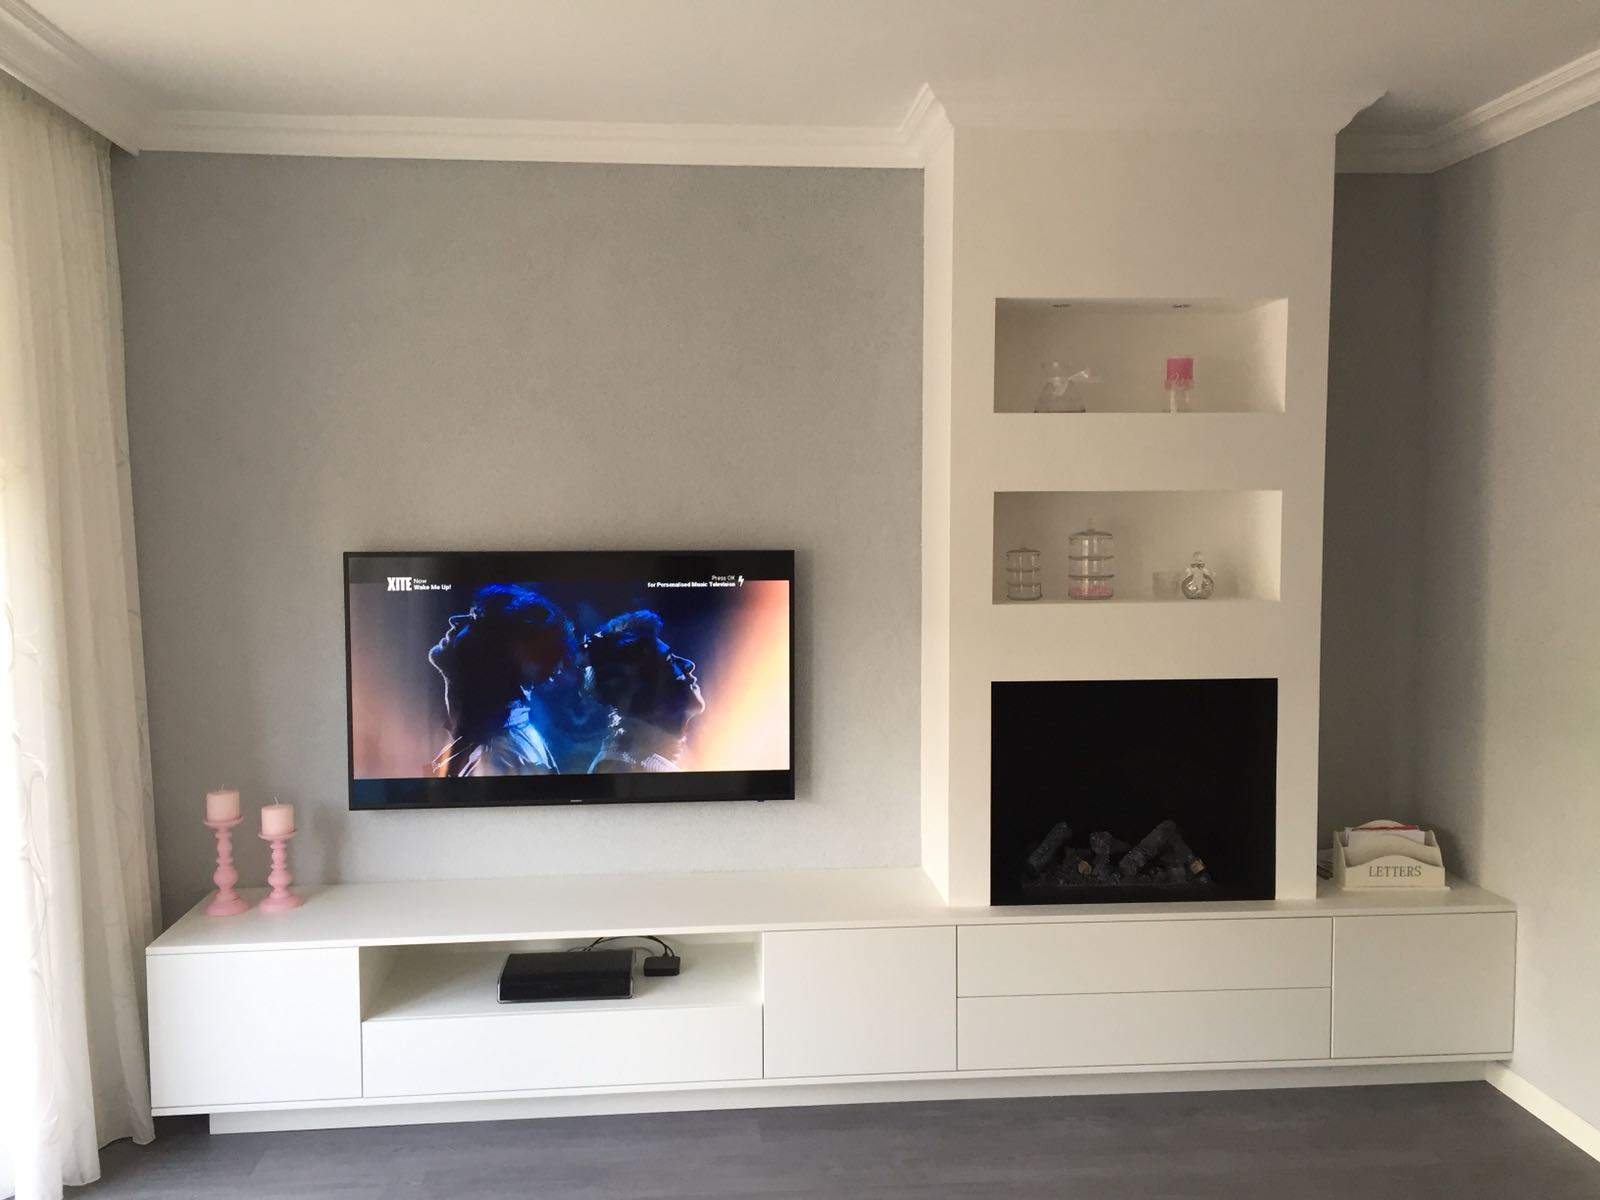 Sfeerhaard Tv Meubel : Elektrische haard tv kombifire haarden van jan des bouvrie nieuws